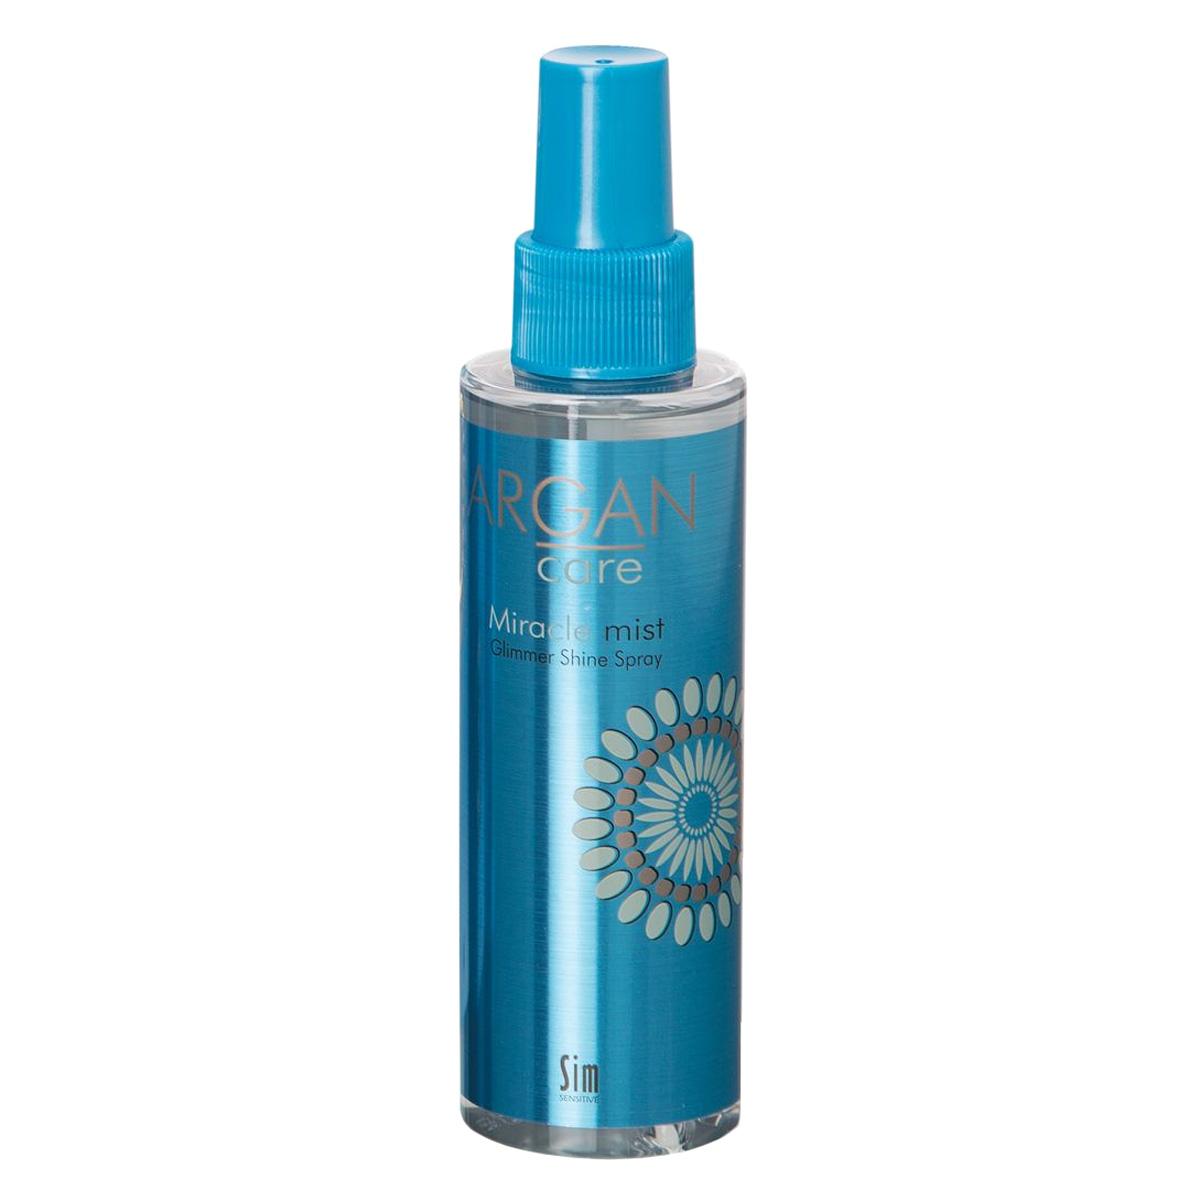 SIM SENSITIVE Спрей-блеск для волос средней фиксации Argan Care Miracle Mist Glimmer Shine Spray Миракл Мист Глиммер Шайн 150 мл4203Мгновенно увлажняющий и восстанавливающий спрей-блеск для поврежденных волос Арган Кеа Миракл Мист Глиммер Шайн. Мiracle Mist Glimmer Shine Spray, Облегченная формула спрея Миракл Мист Глиммер Шайн, насыщенного экстрактами из масел Арганы, Жожоба и миндального ореха, мгновенно наполняет волосы влагой, облегчает их расчесывание и восстанавливает поврежденные волосы, обеспечивая долгий эффект бриллиантового блеска и защиту от внешних повреждений. Волосы остаются такими же легкими, как были.